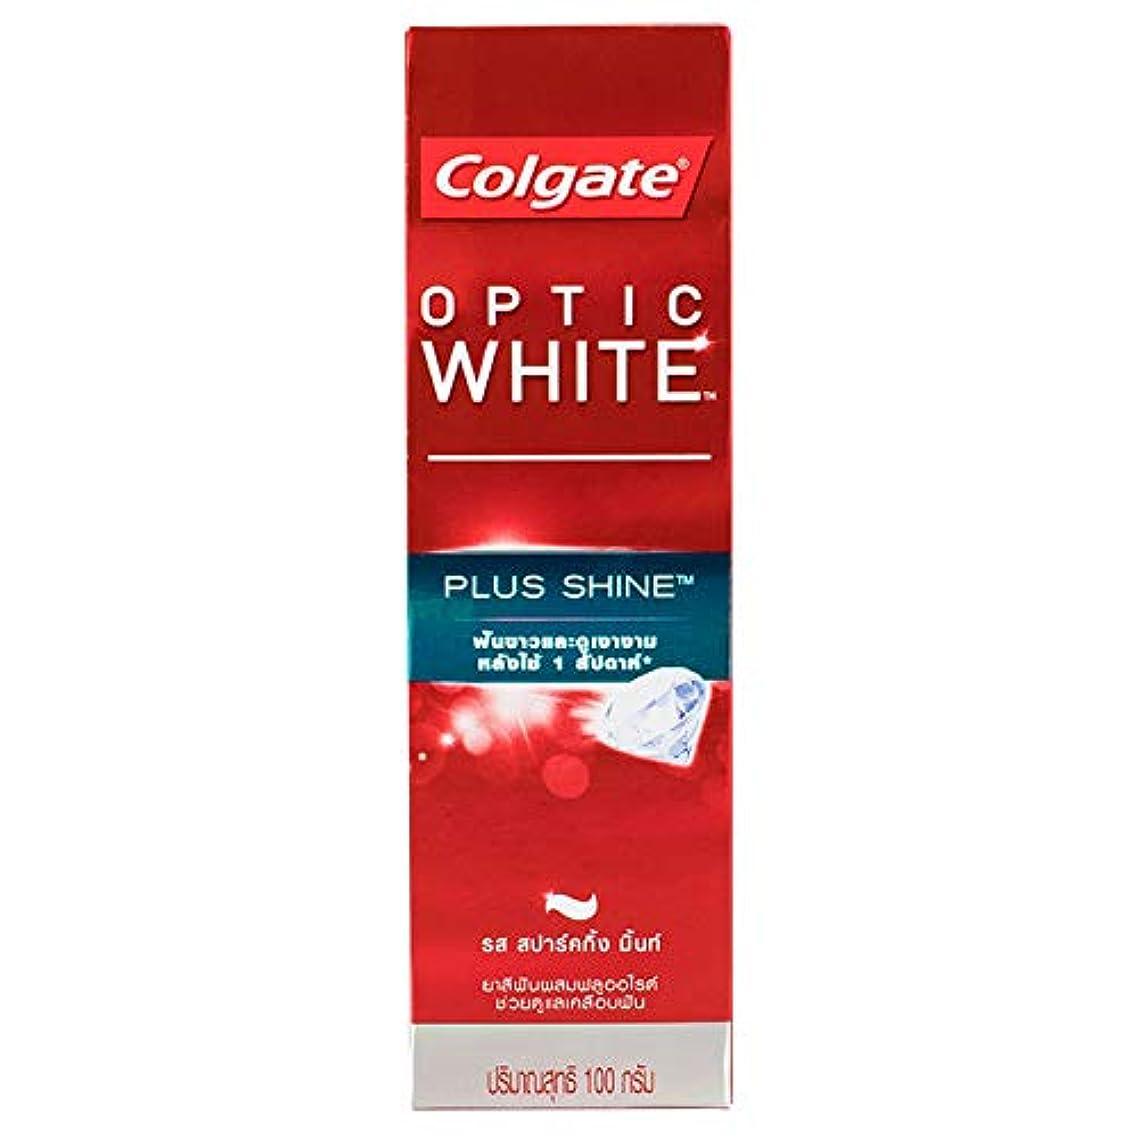 名詞想定理想的には(コルゲート)Colgate 歯磨き粉 「オプティック ホワイト 」 (プラス シャイン)